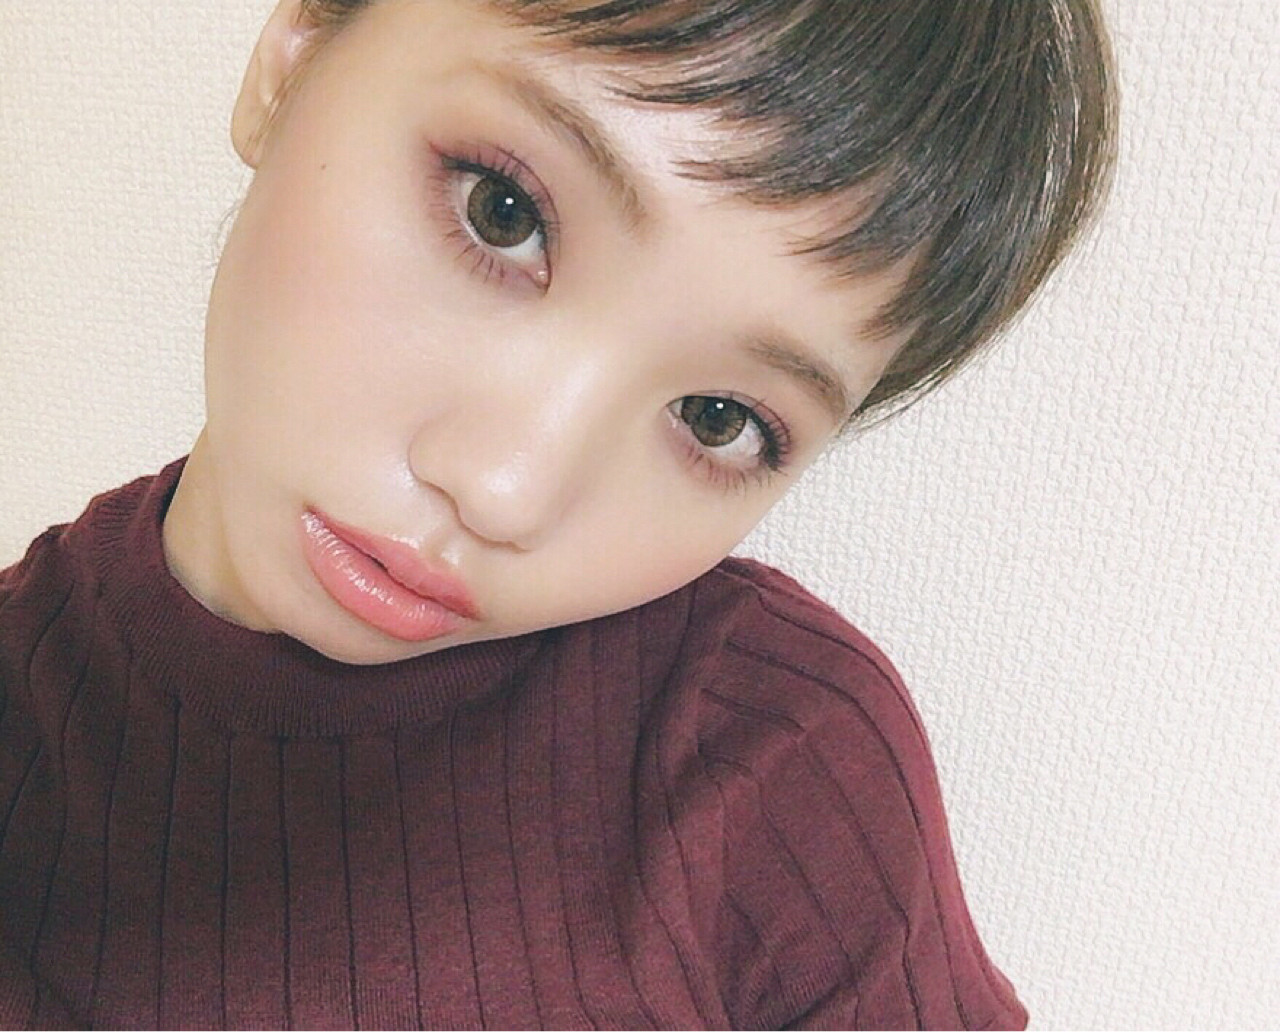 モード ミディアム 秋 ボルドー ヘアスタイルや髪型の写真・画像